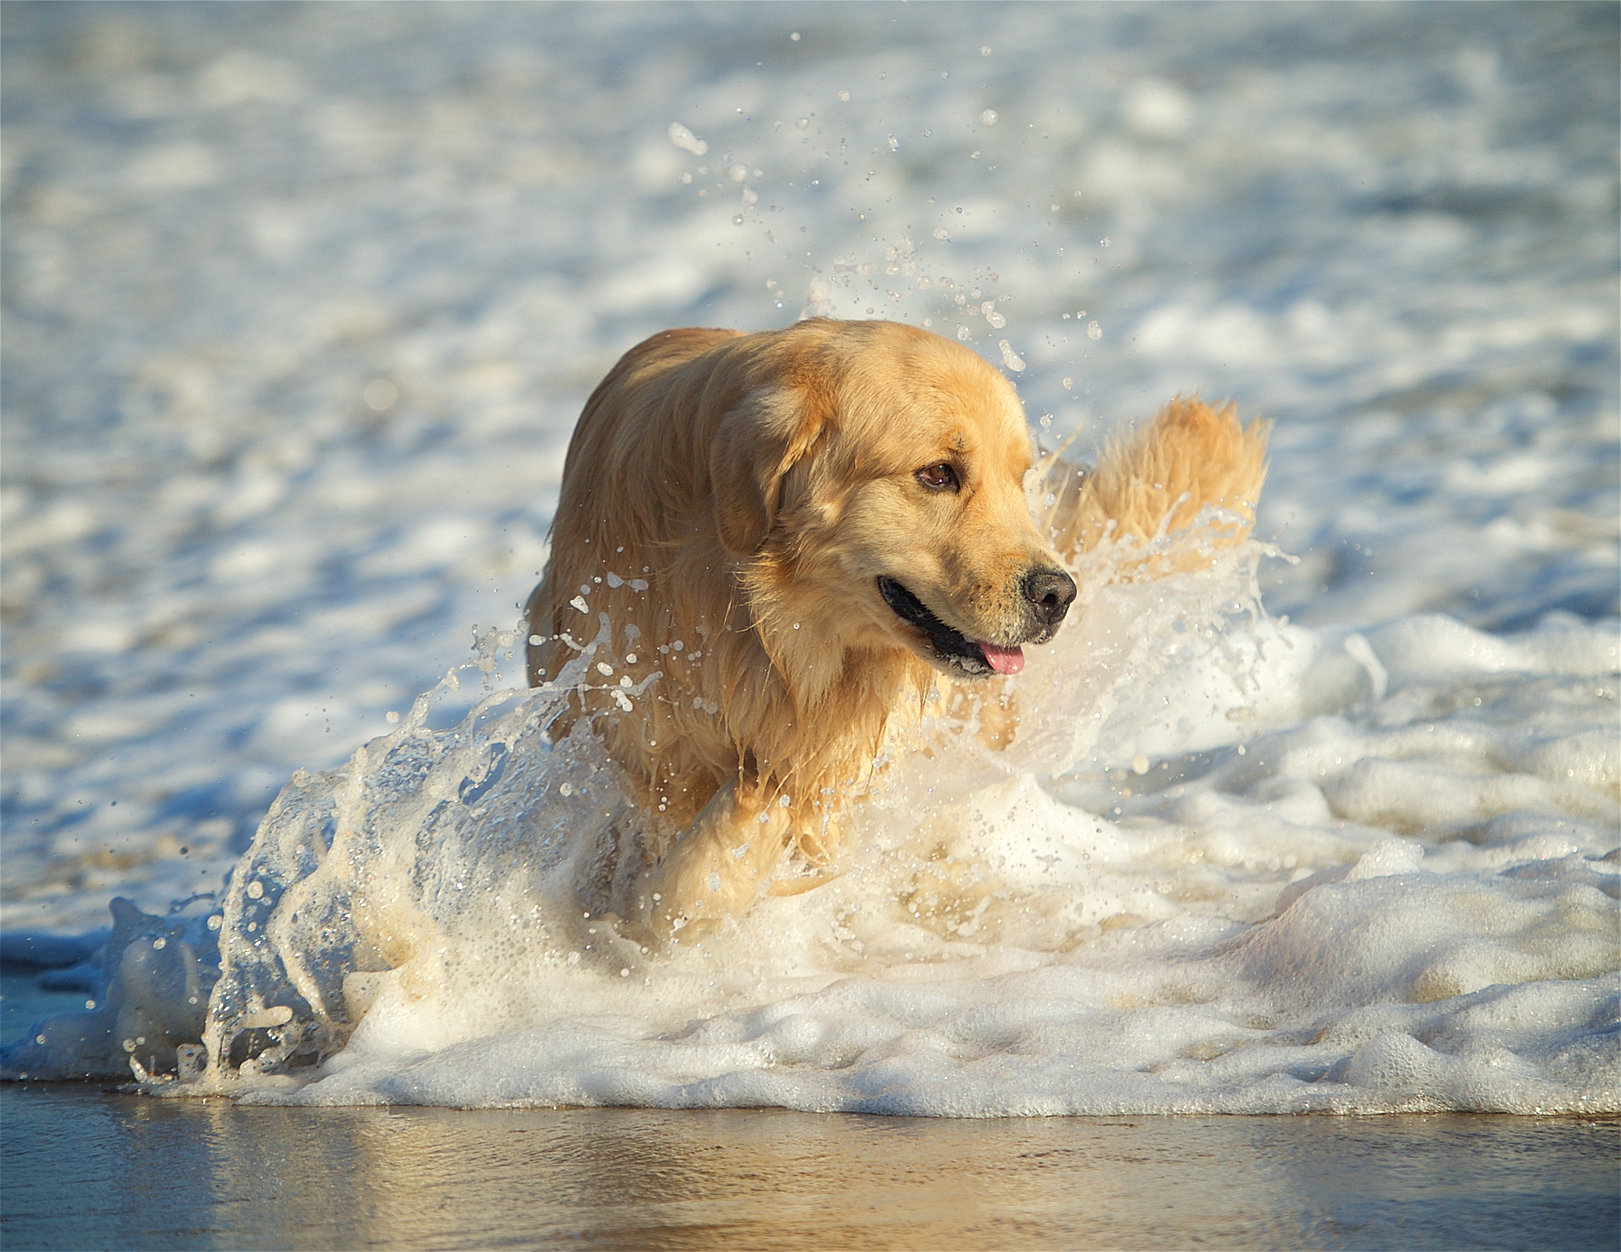 Αποτέλεσμα εικόνας για dog in beach